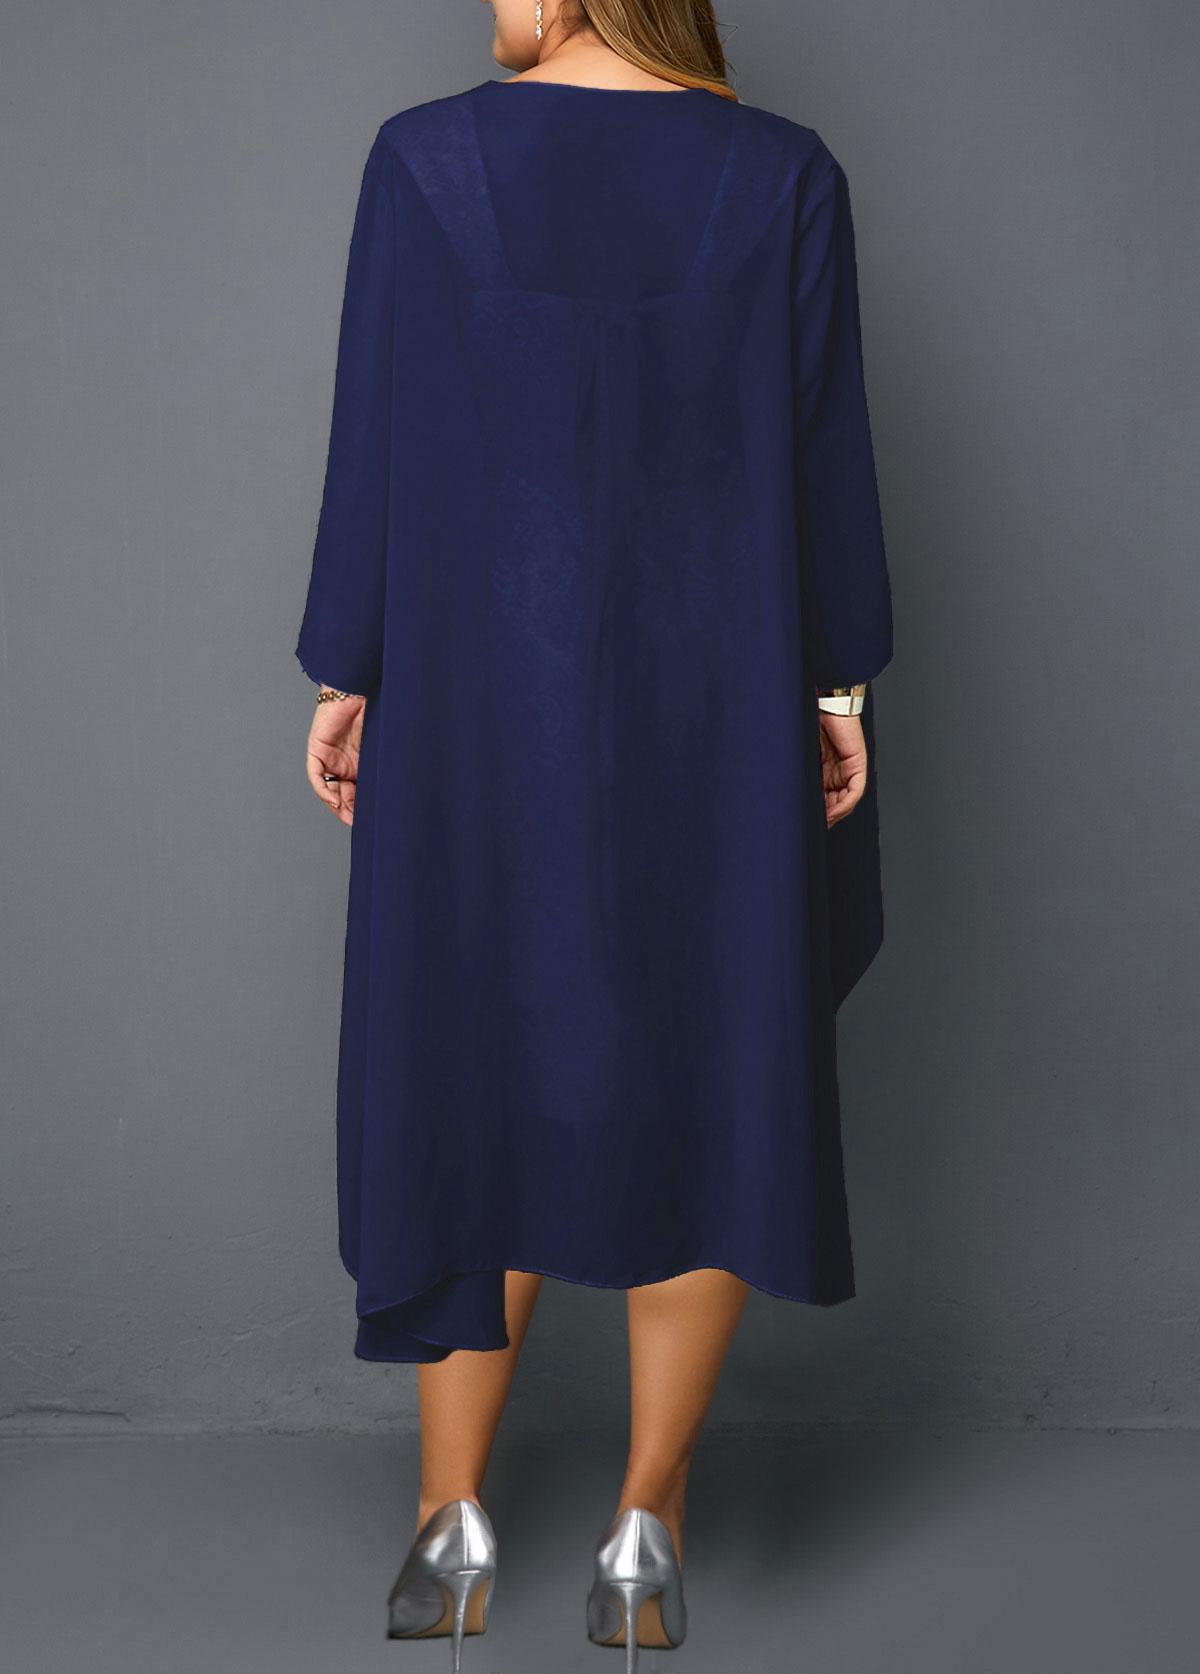 Plus Size Chiffon Cardigan and Sheath Dress